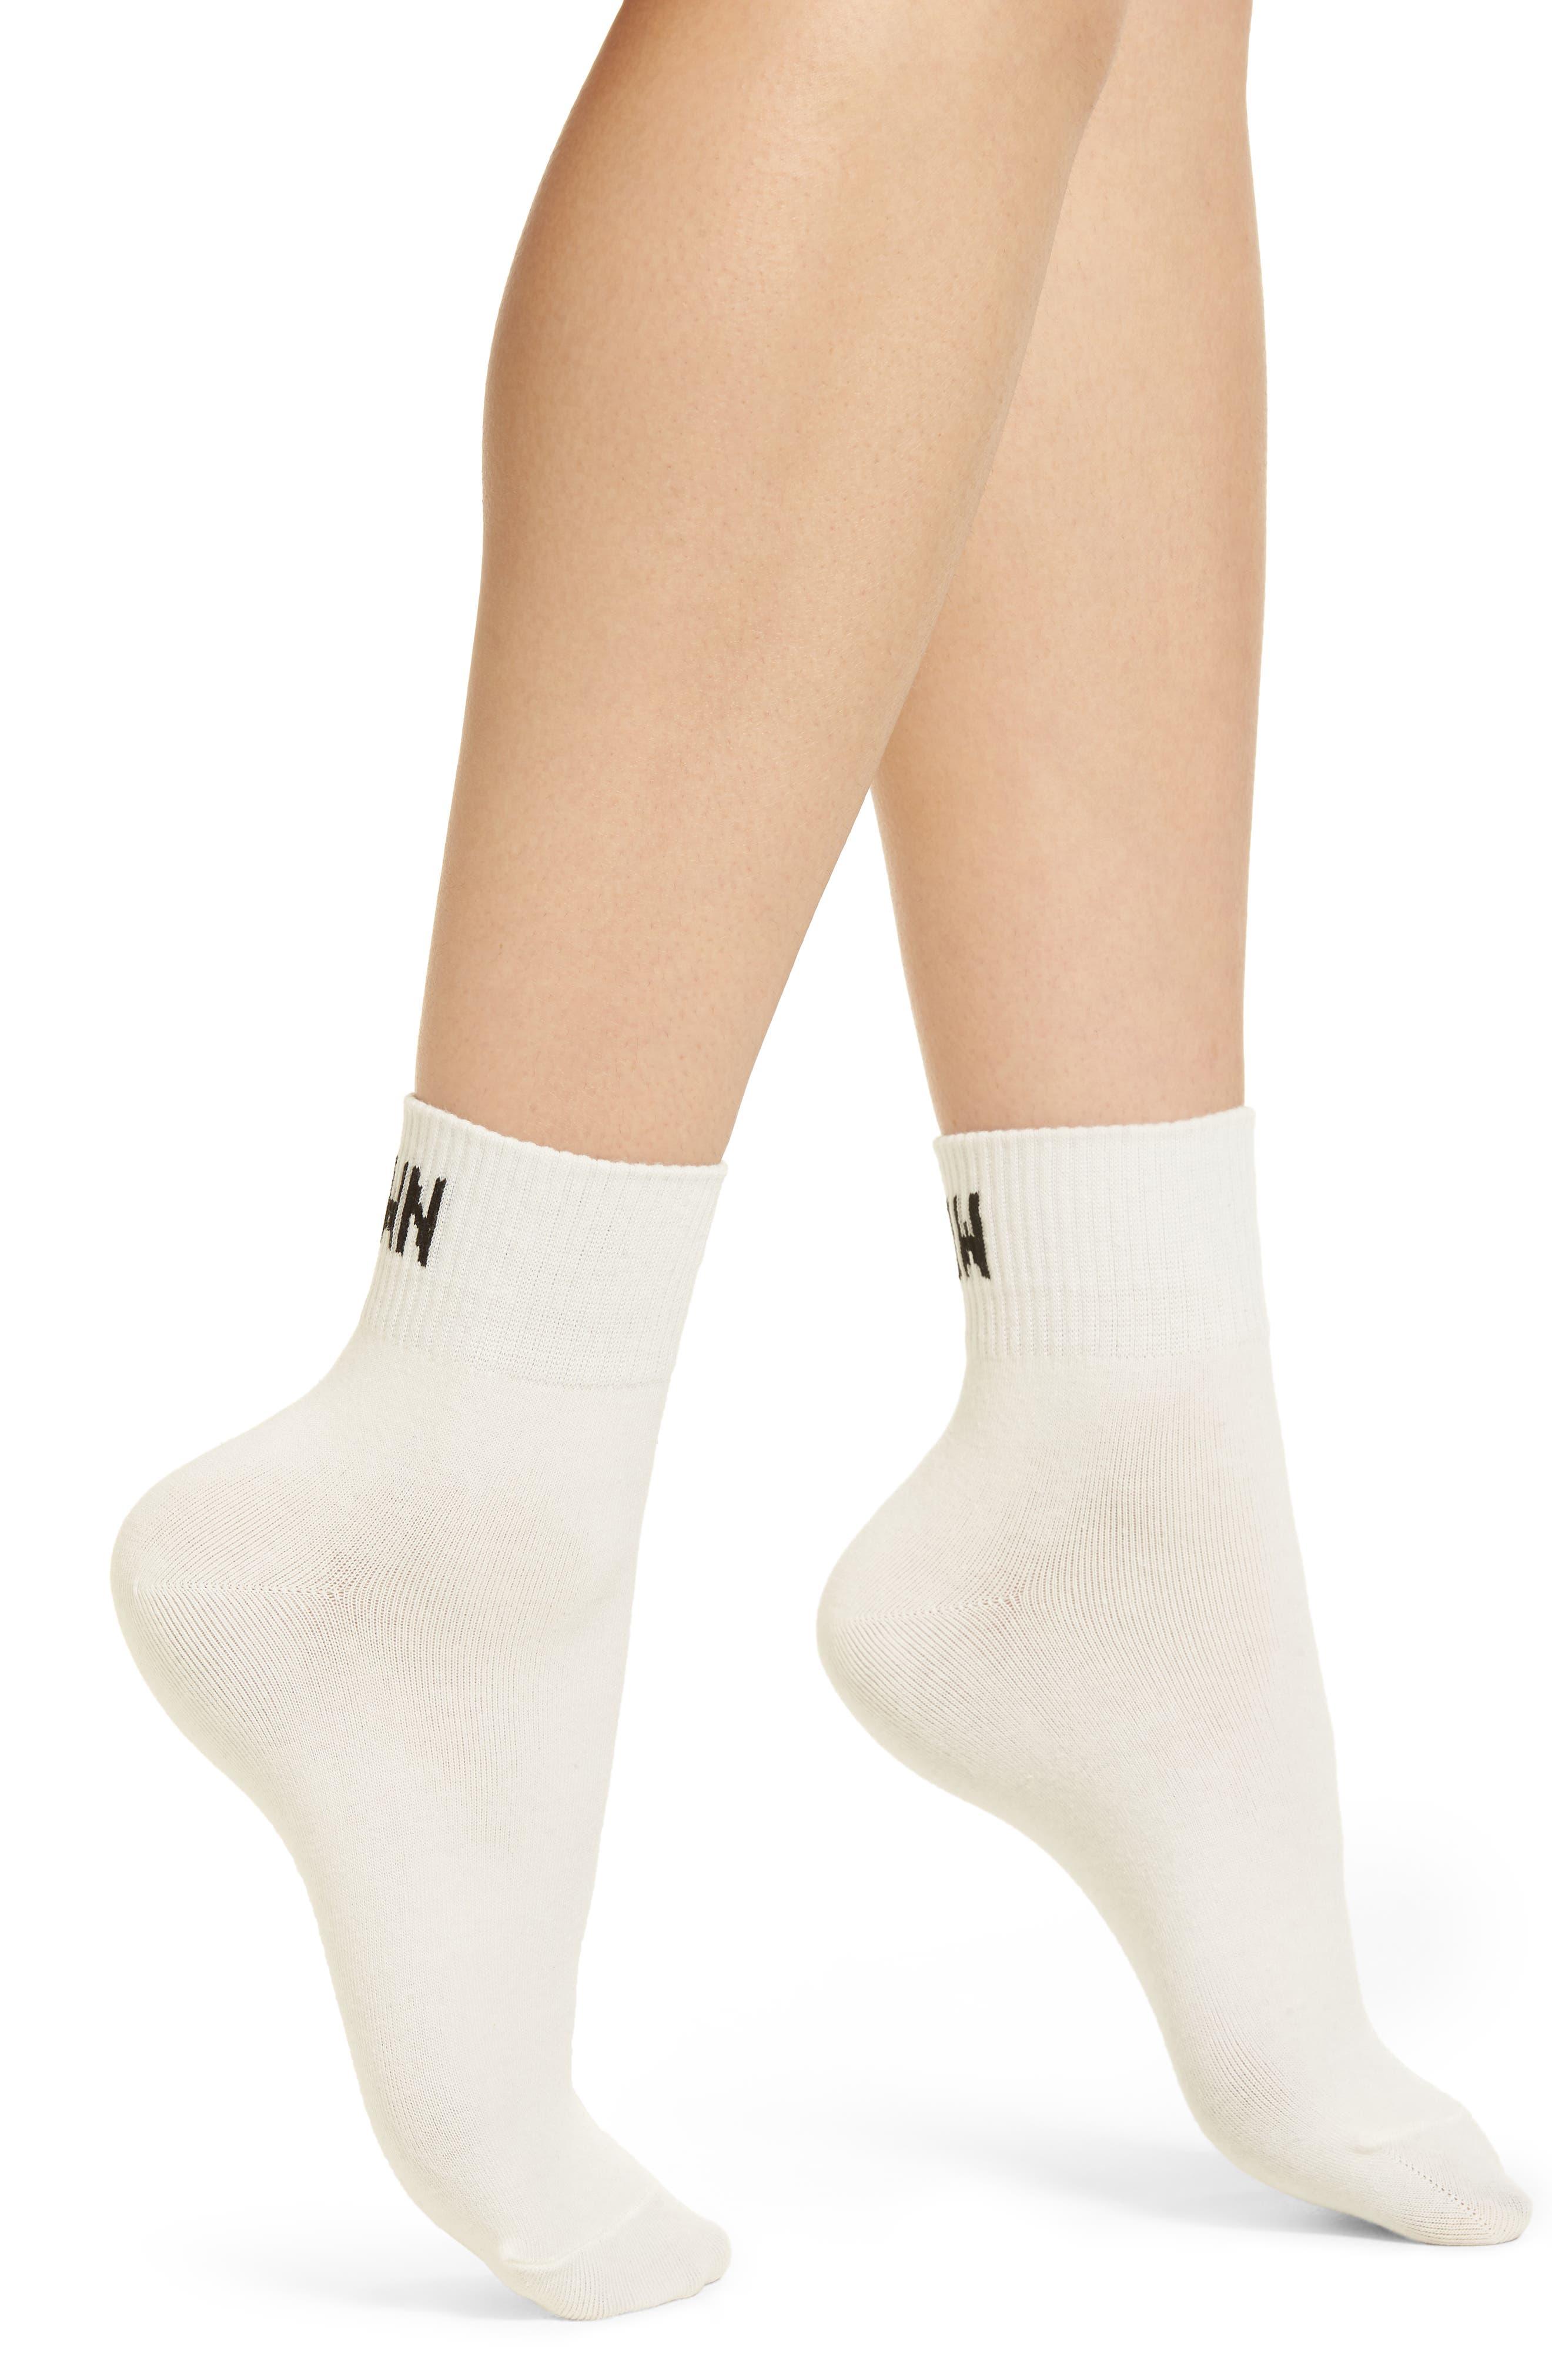 Richer Poorer Slow Down Ankle Socks